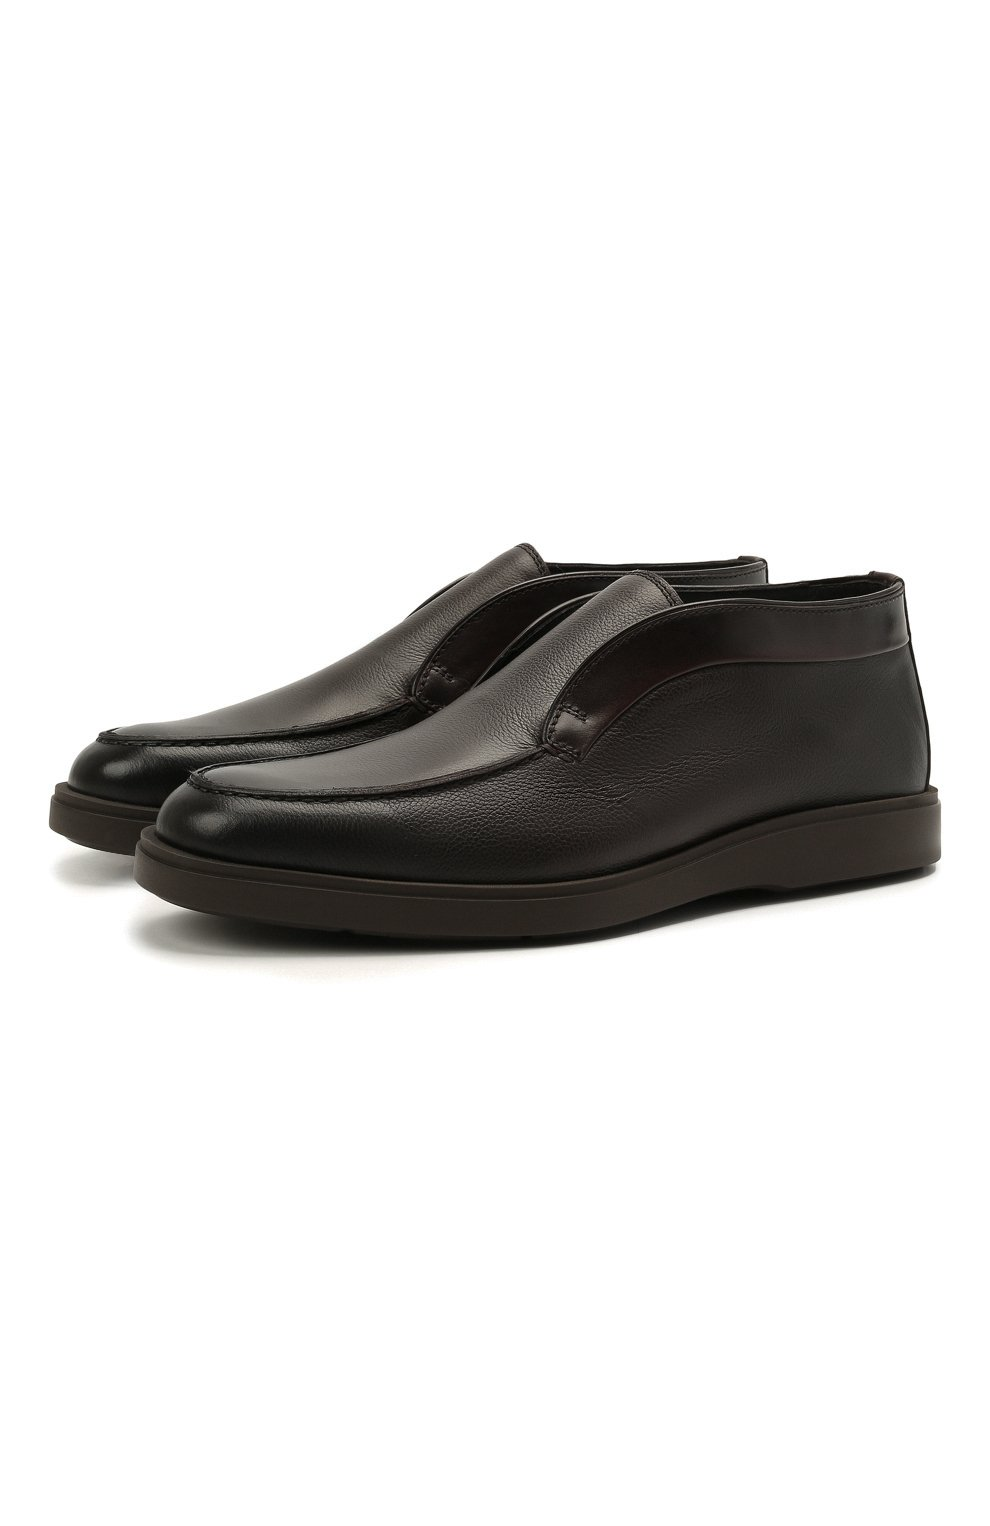 Мужские кожаные ботинки SANTONI темно-коричневого цвета, арт. MGDG17823DATANWLT50 | Фото 1 (Мужское Кросс-КТ: Ботинки-обувь, зимние ботинки; Подошва: Плоская)